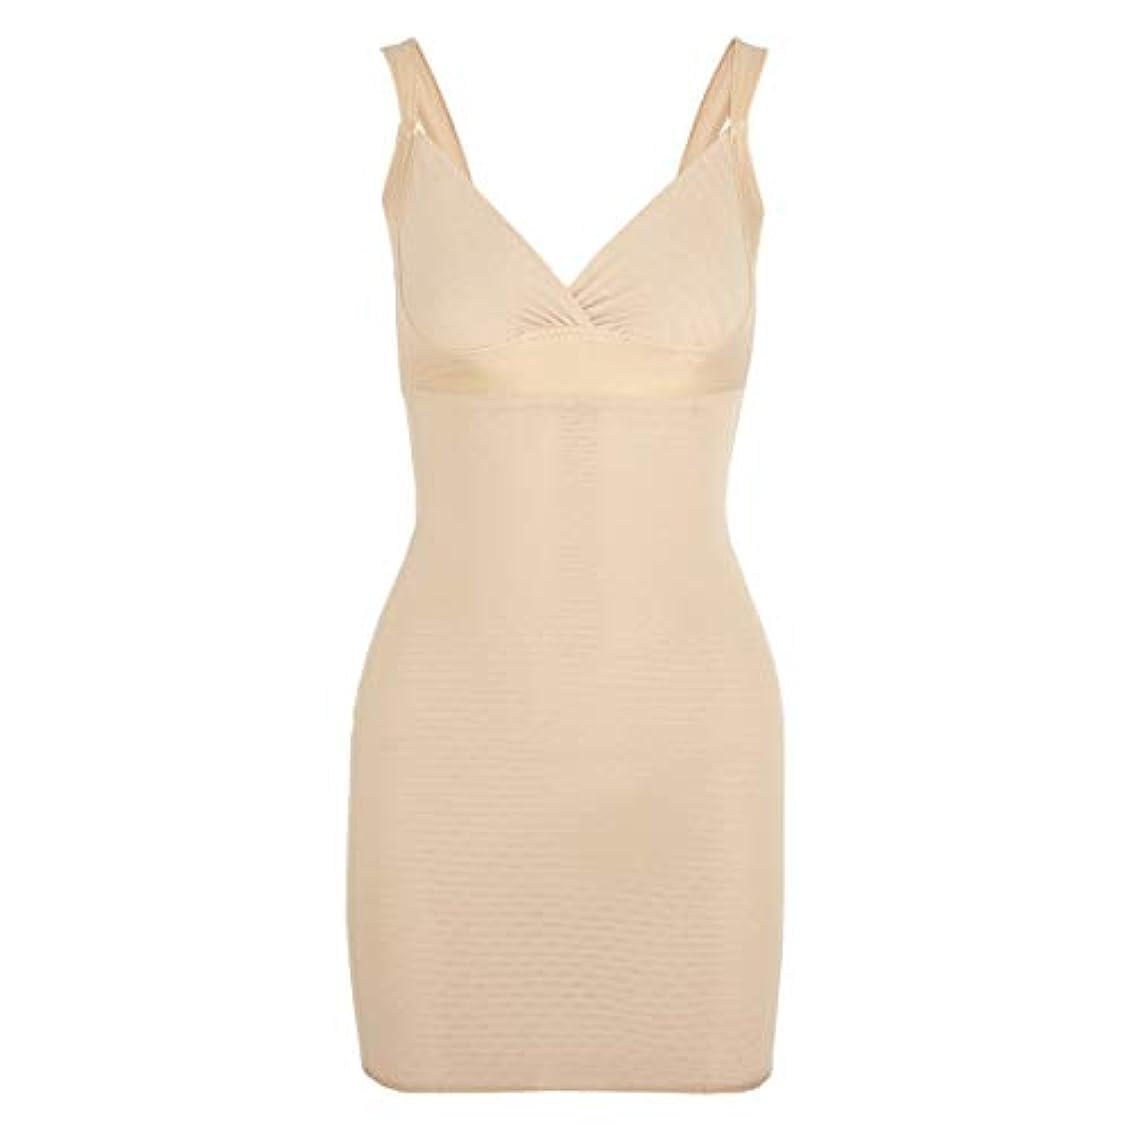 定義する累積効率的に女性のポスト産後Post身下着シェイパードレスを回復ボディスーツシェイプウェアウエストコルセットガードル-アプリコット-XL